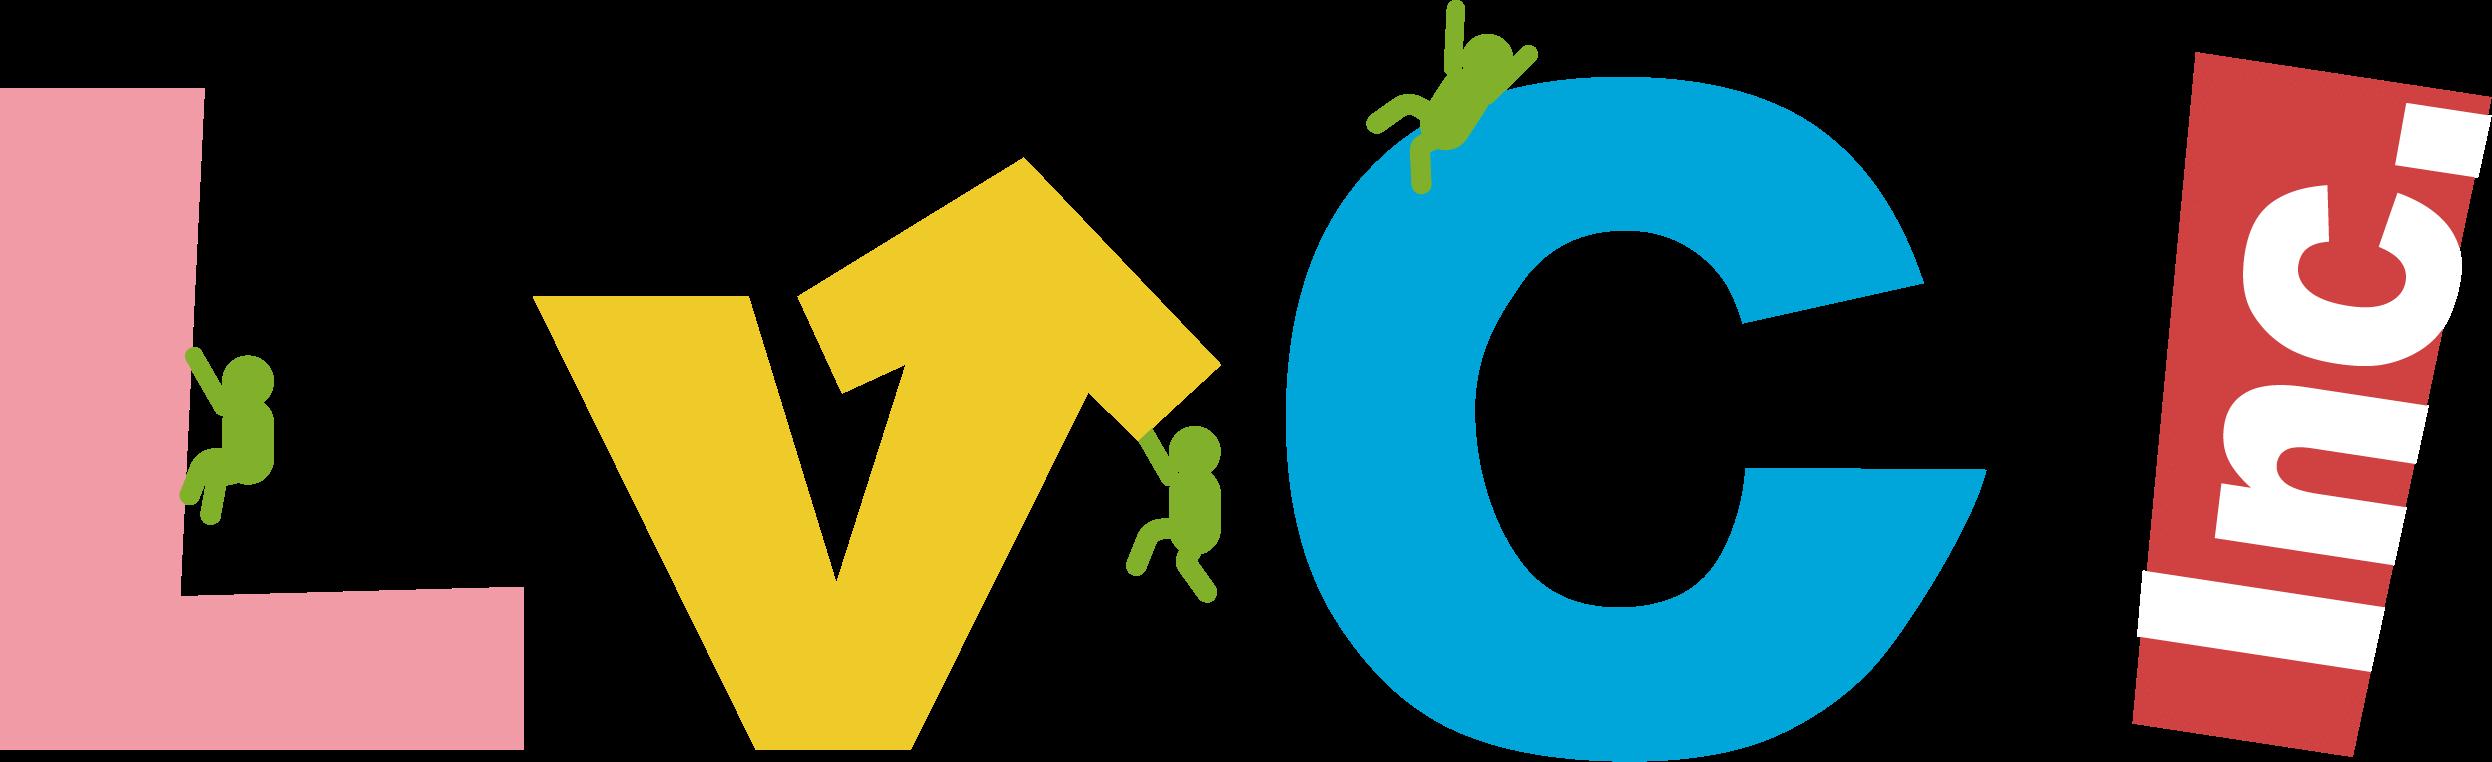 LvCのロゴ